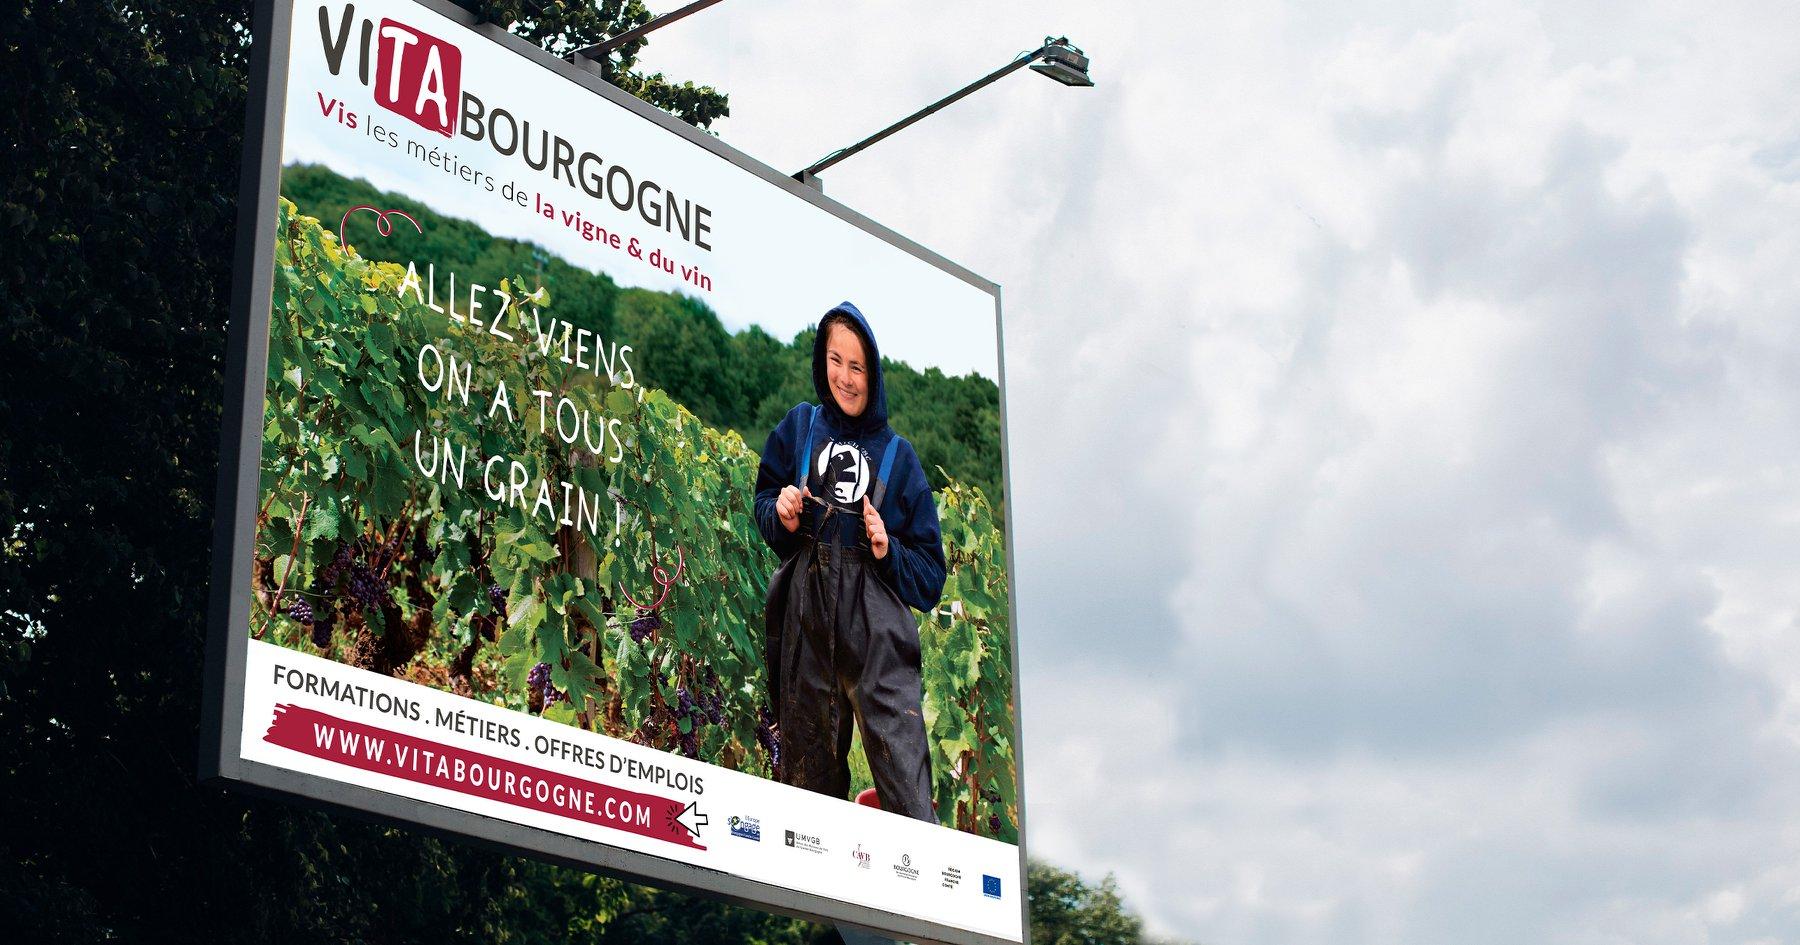 700 postes à pourvoir dans les métiers de la vigne et du vin avec VITA Bourgogne